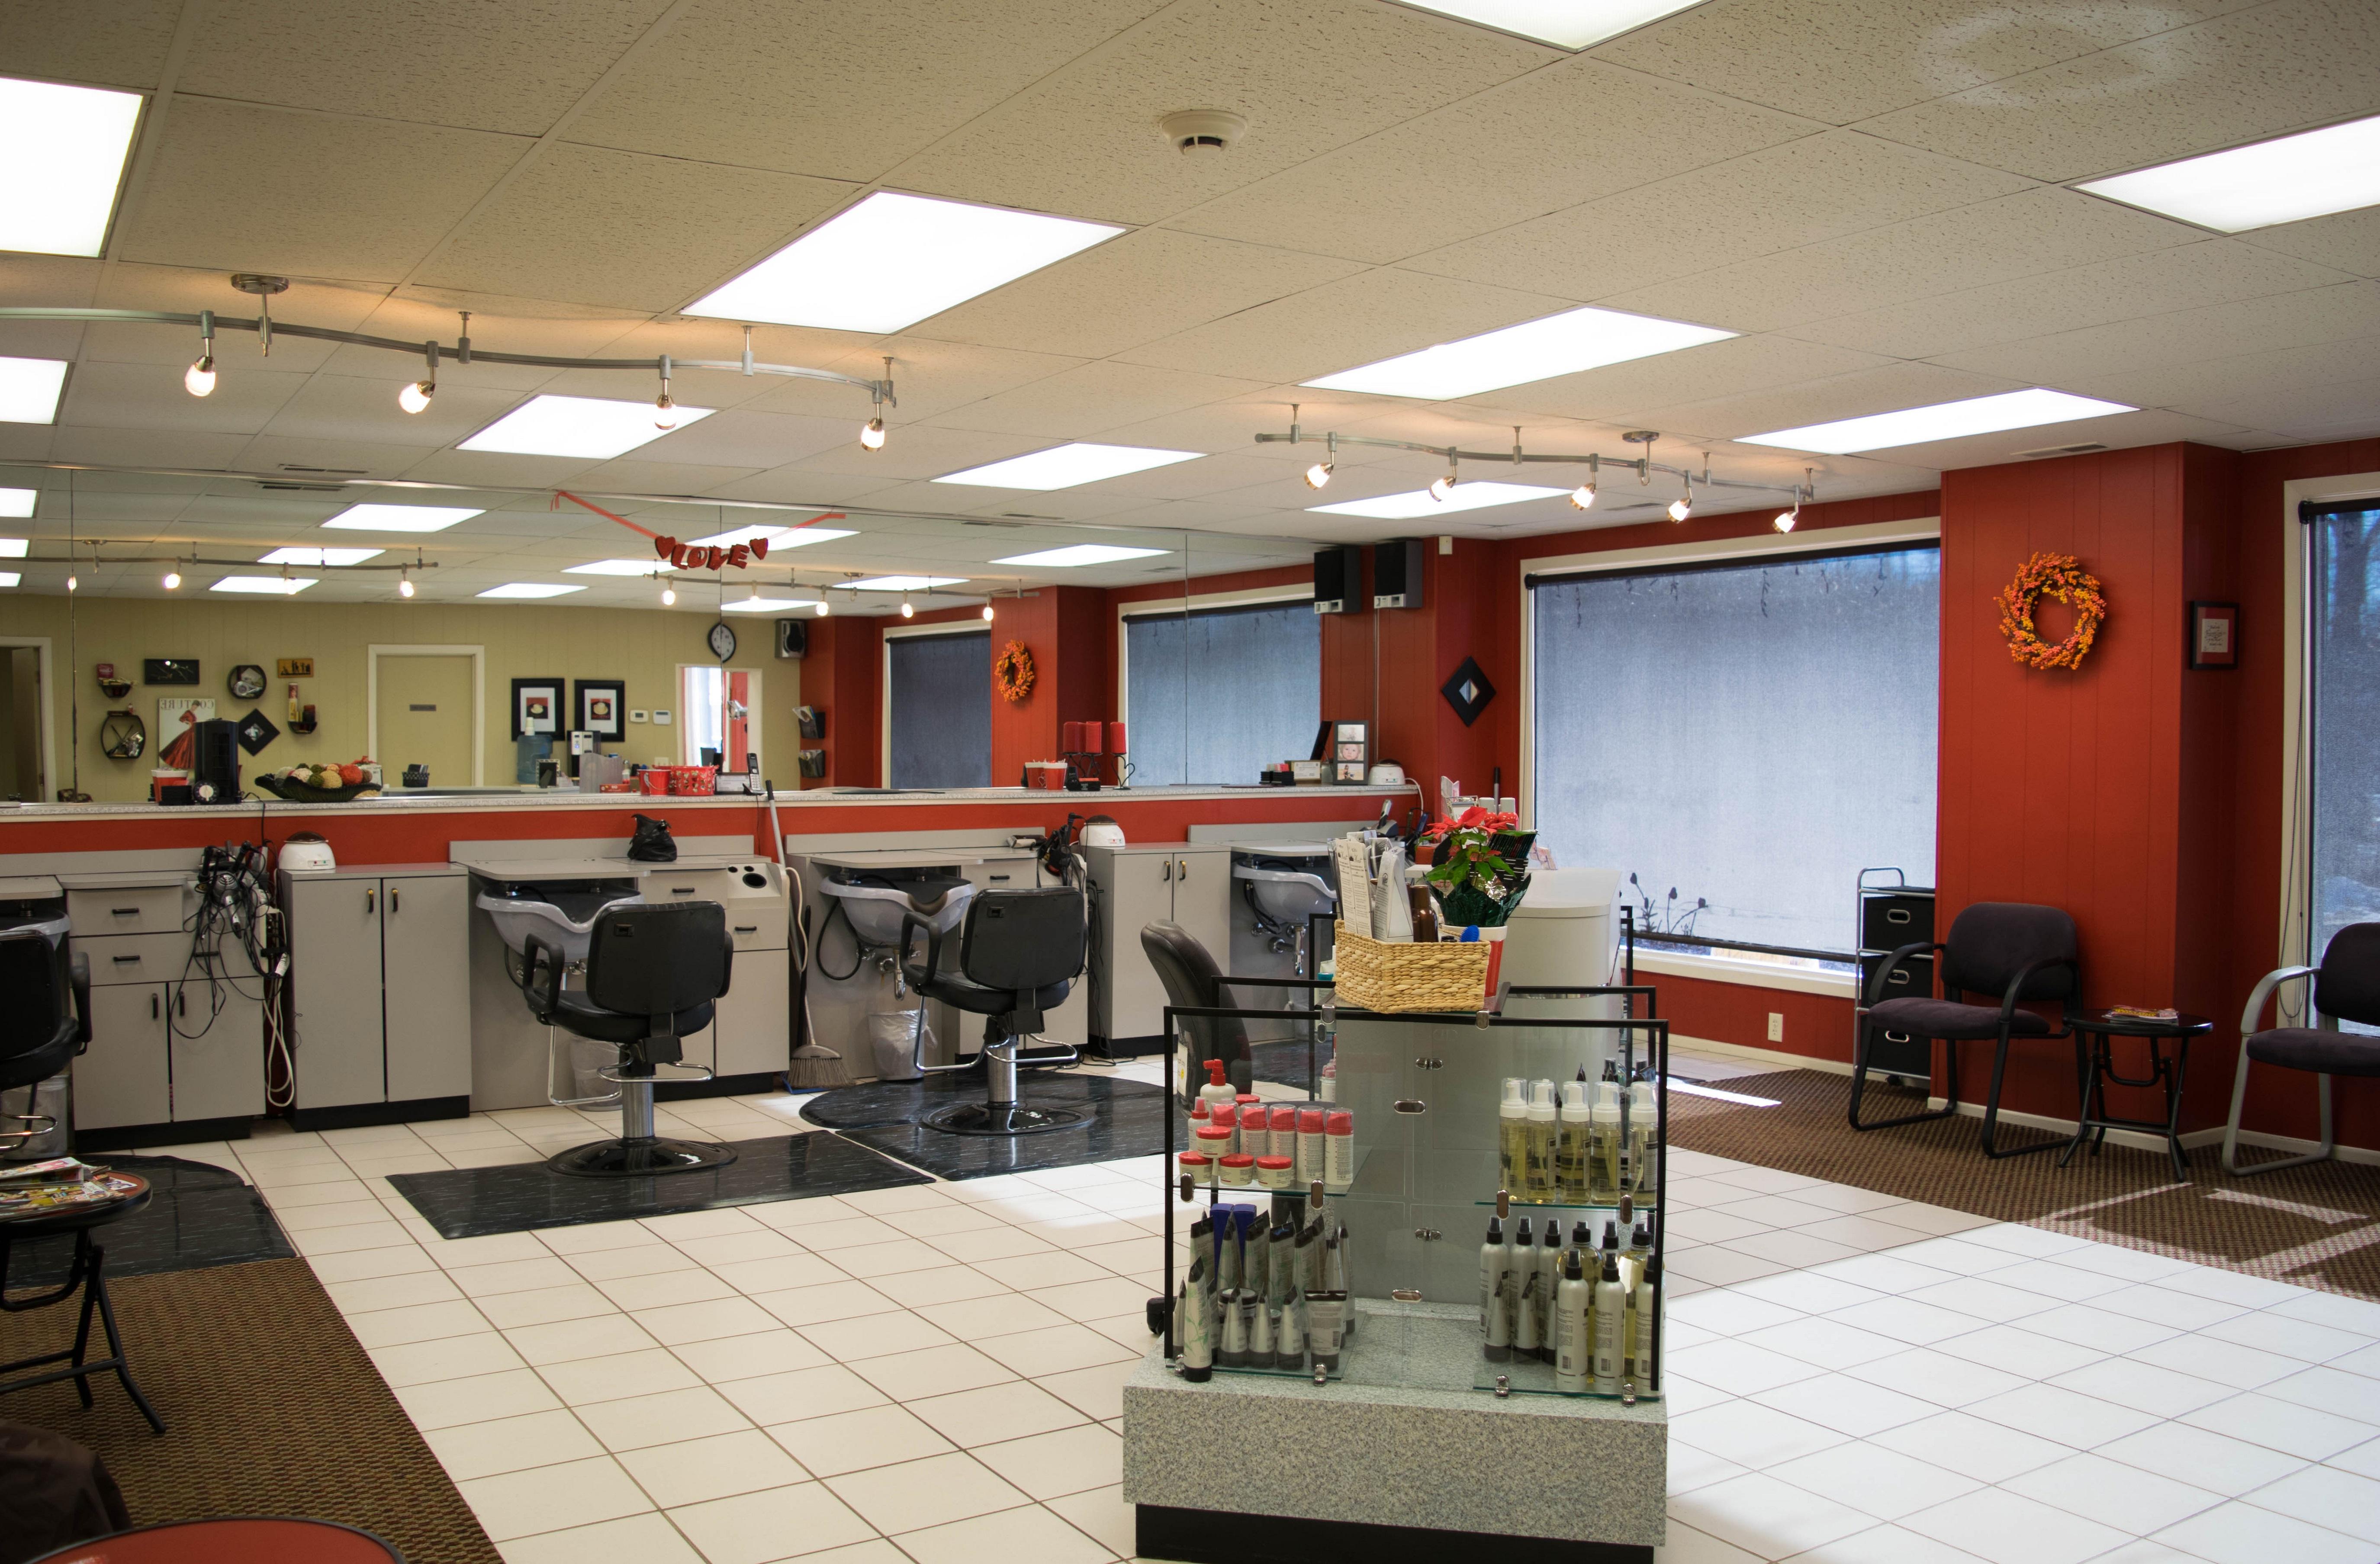 The Look Hair Salon - The look hair salon